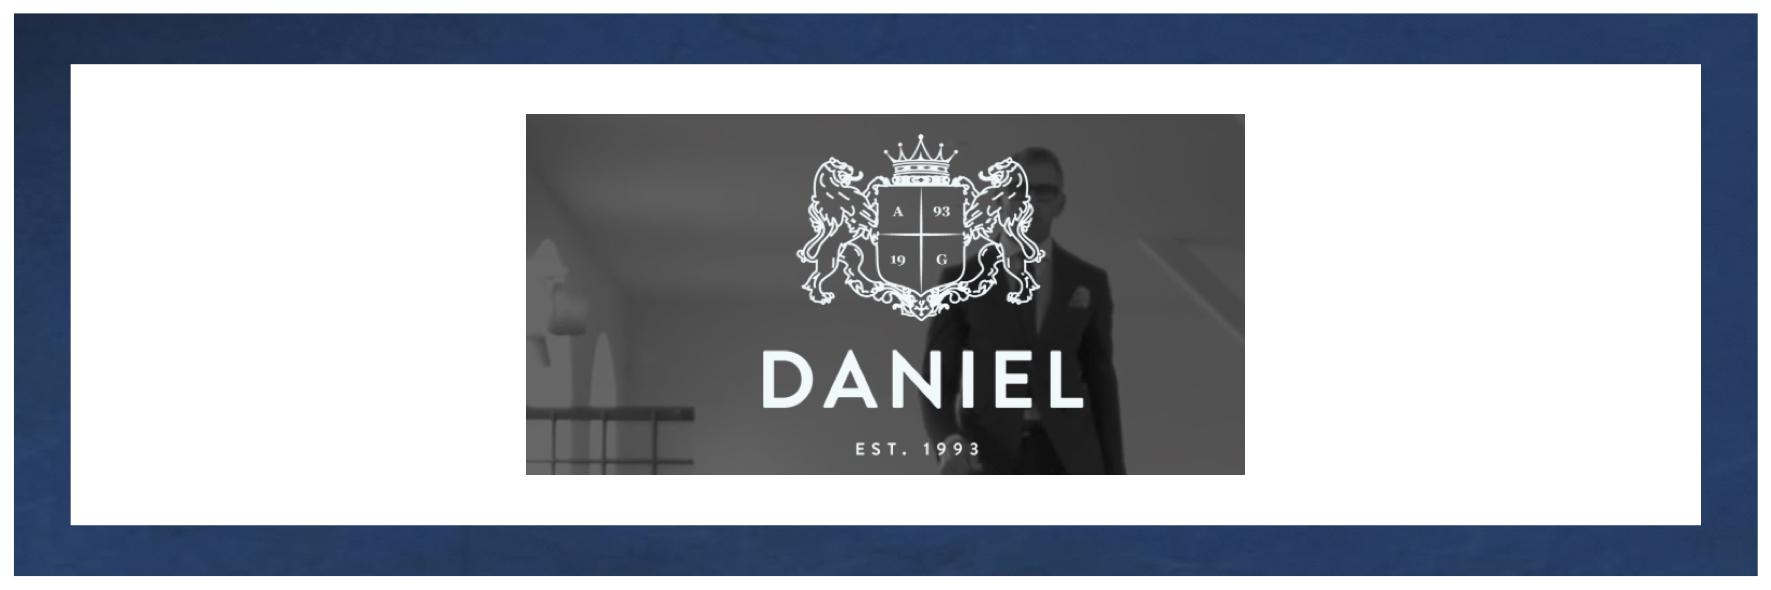 Hjemmeside-Banner-Daniel